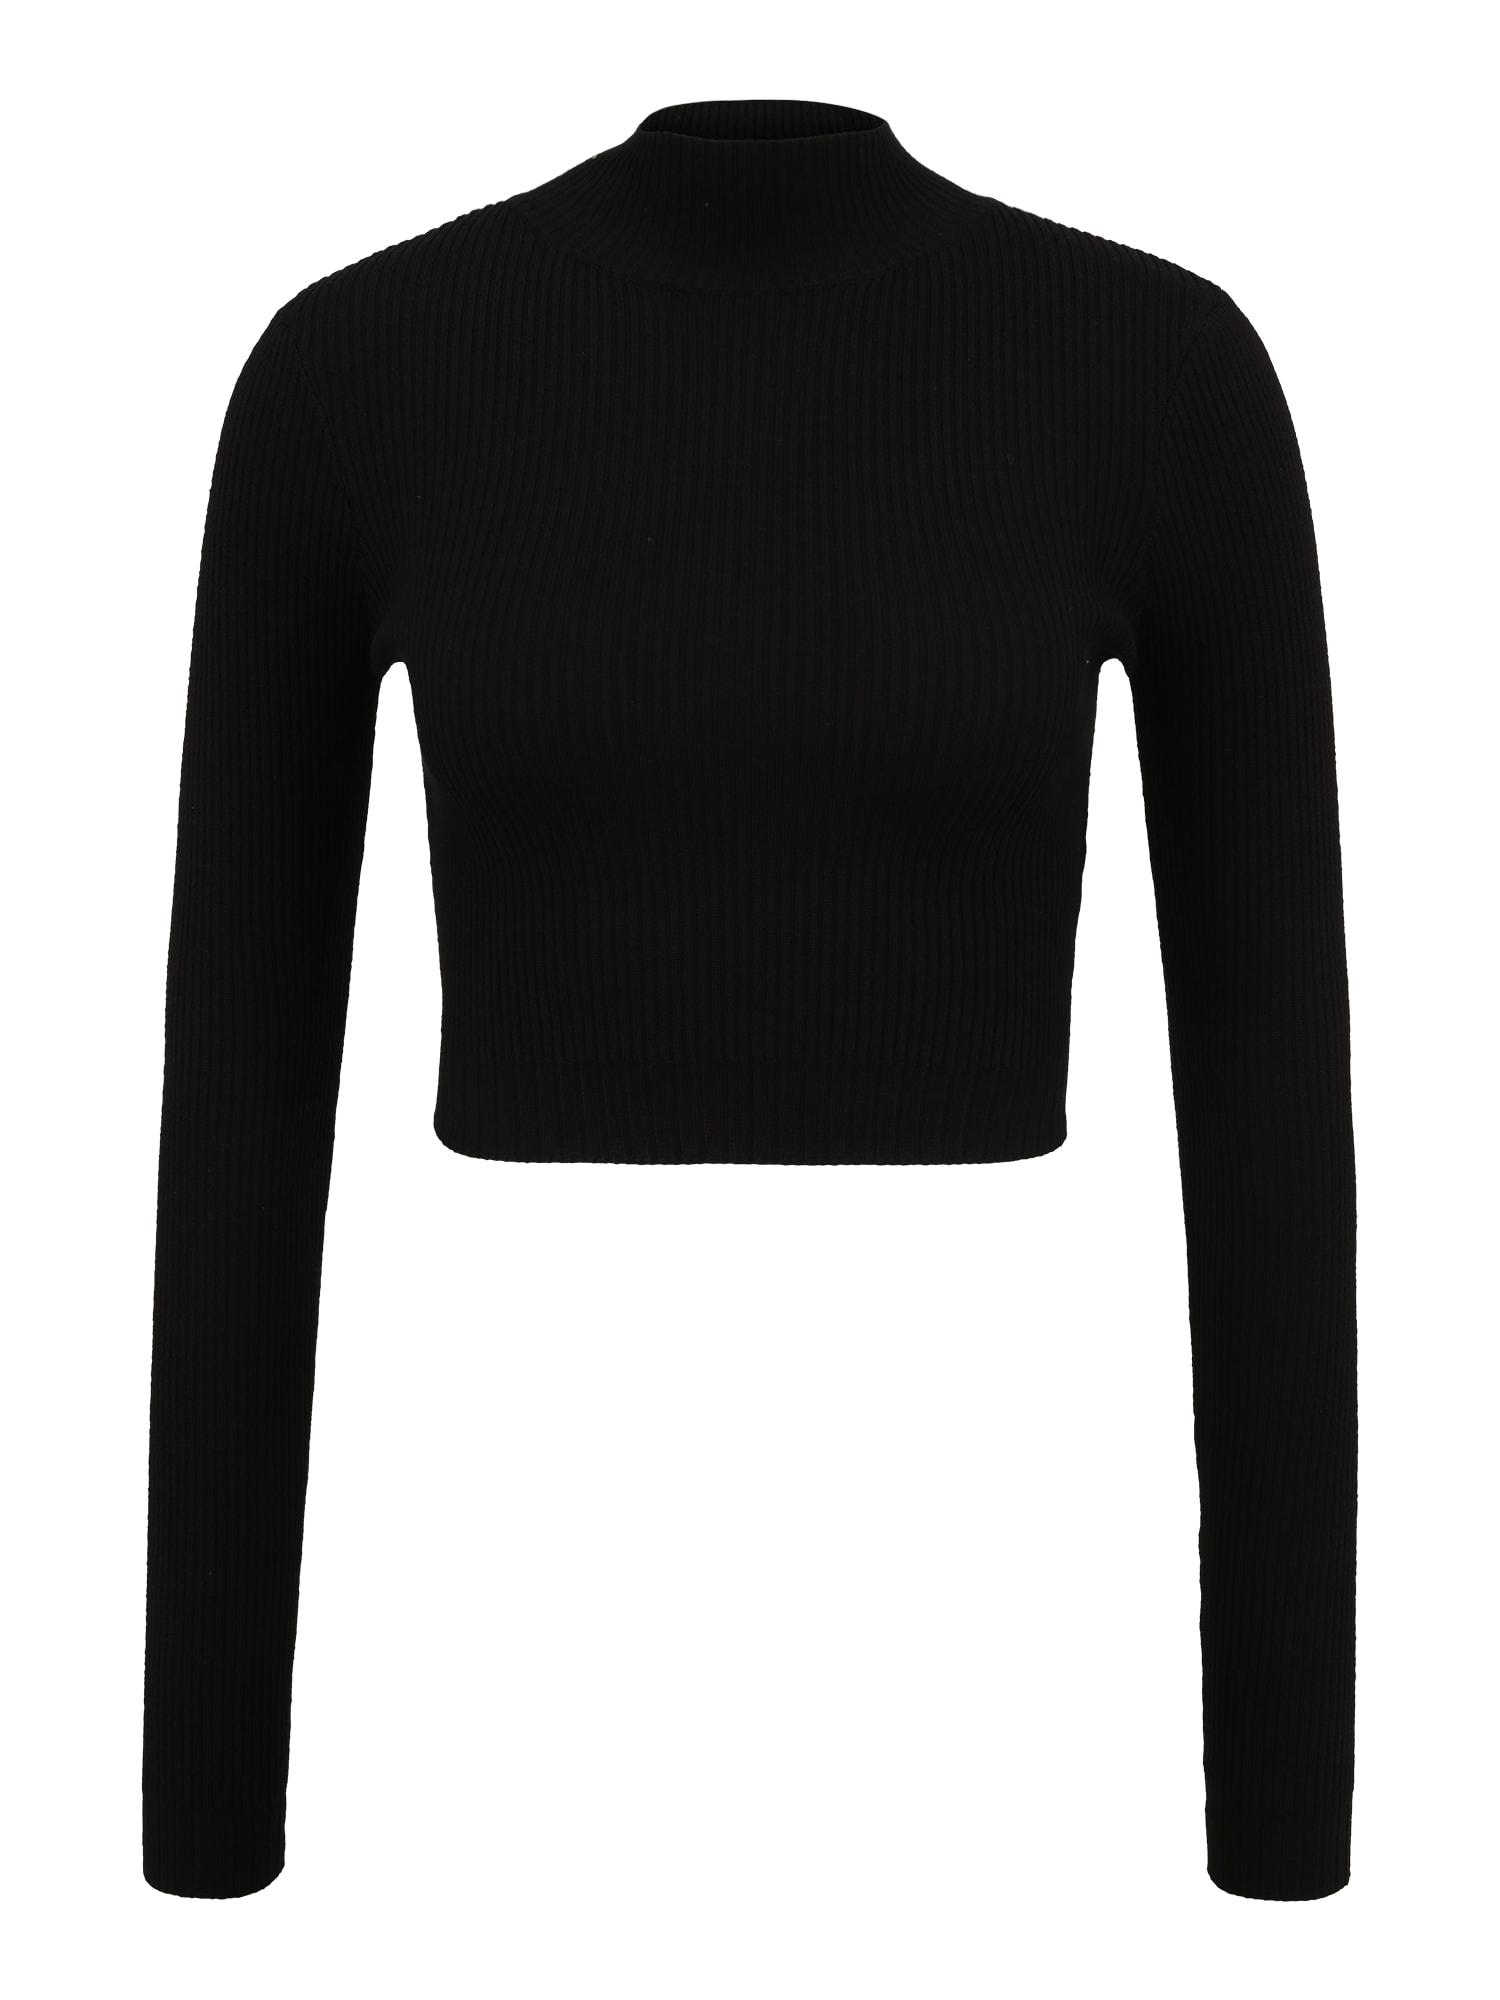 Missguided (Tall) Megztinis juoda